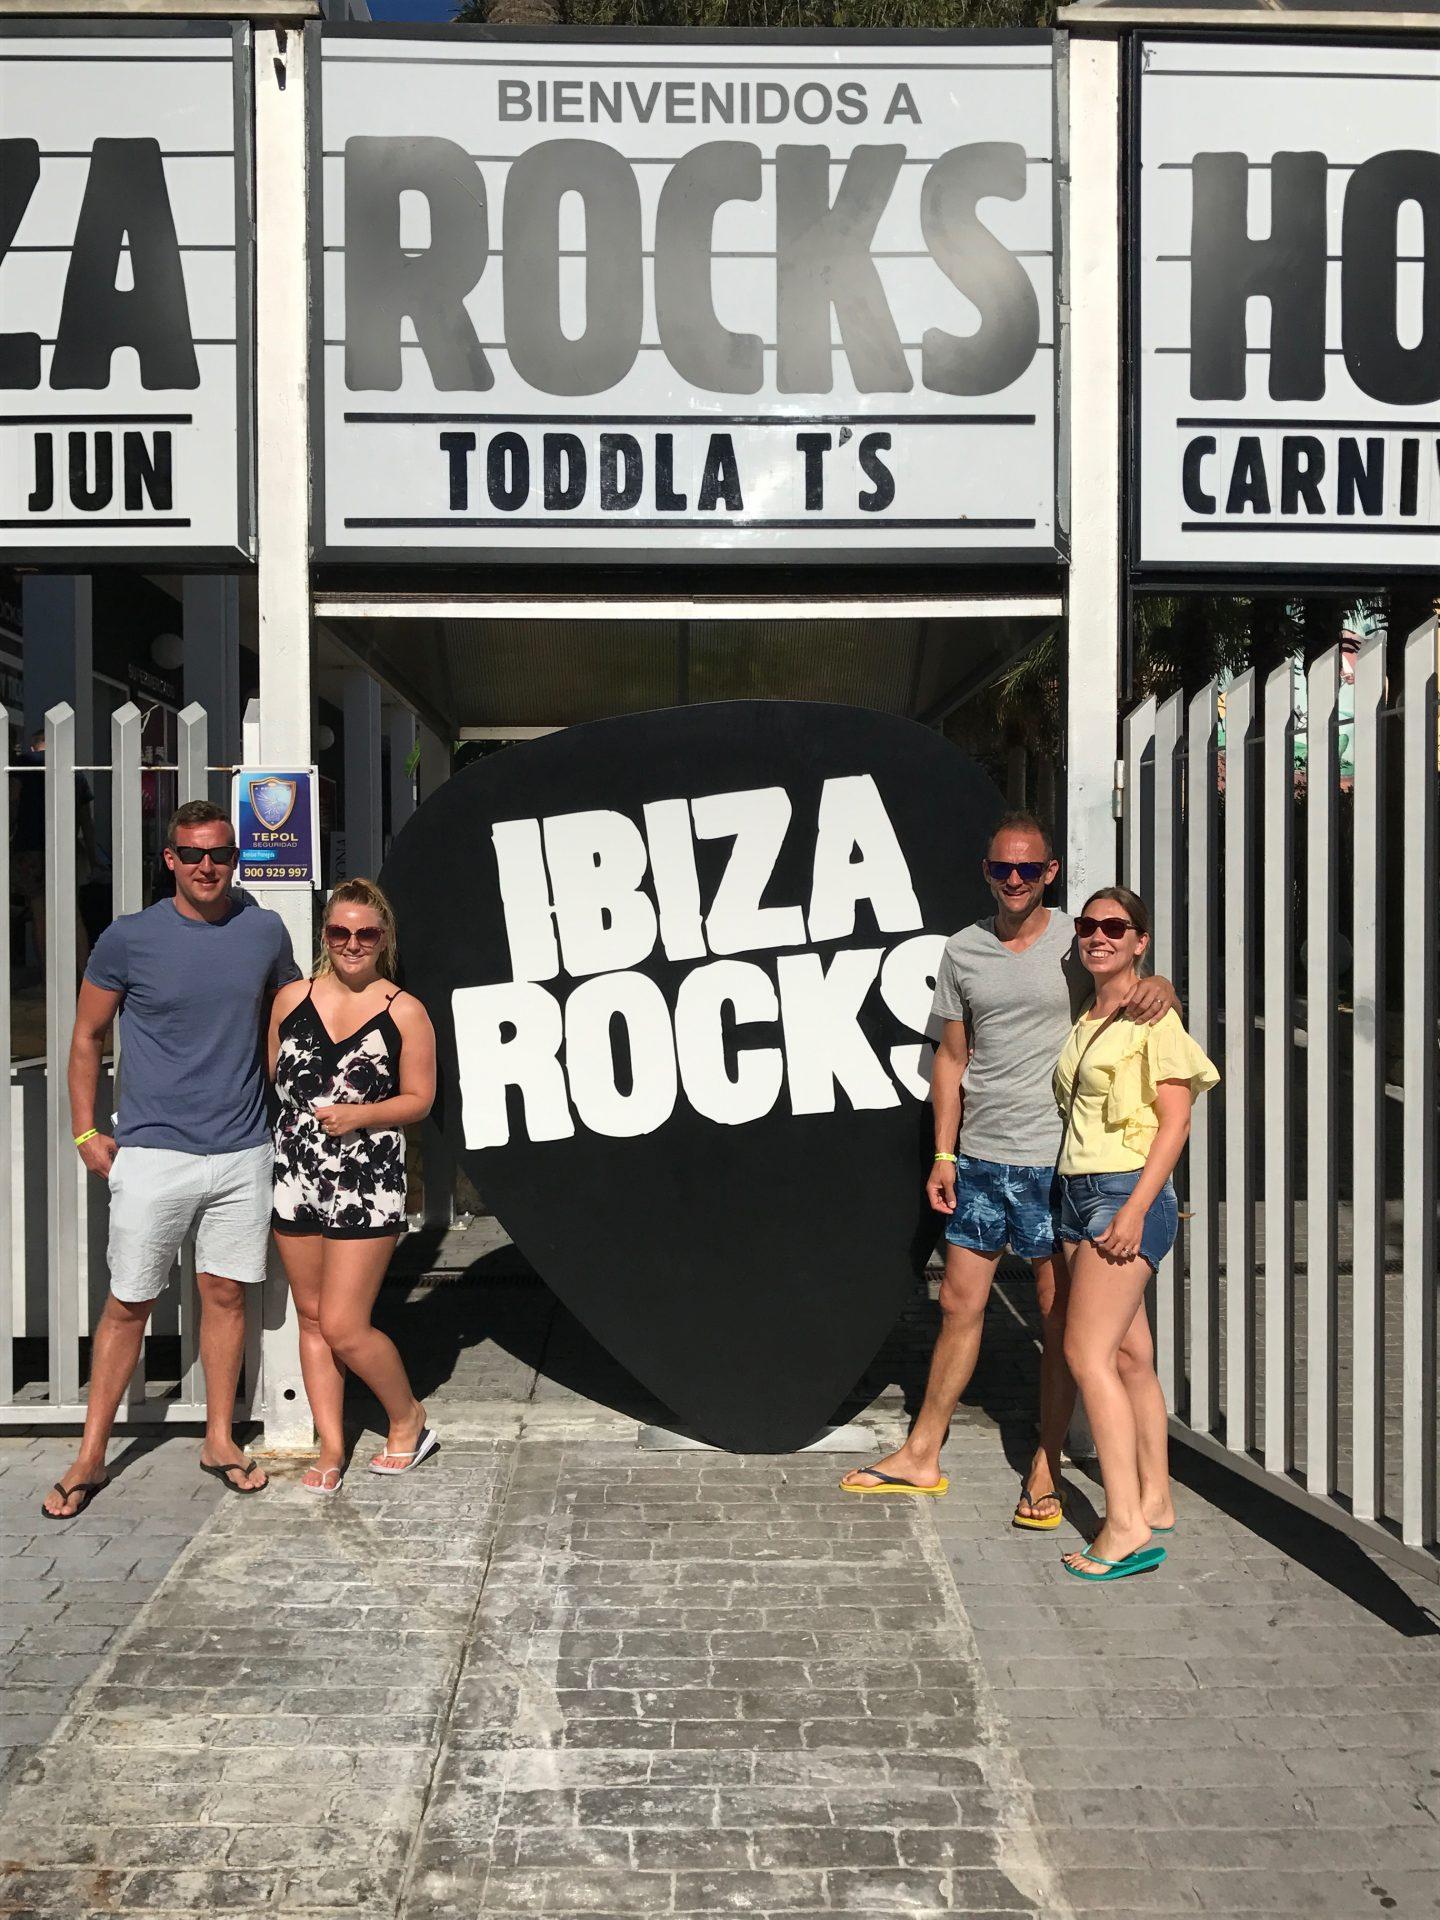 Posing at Ibiza Rocks Hotel